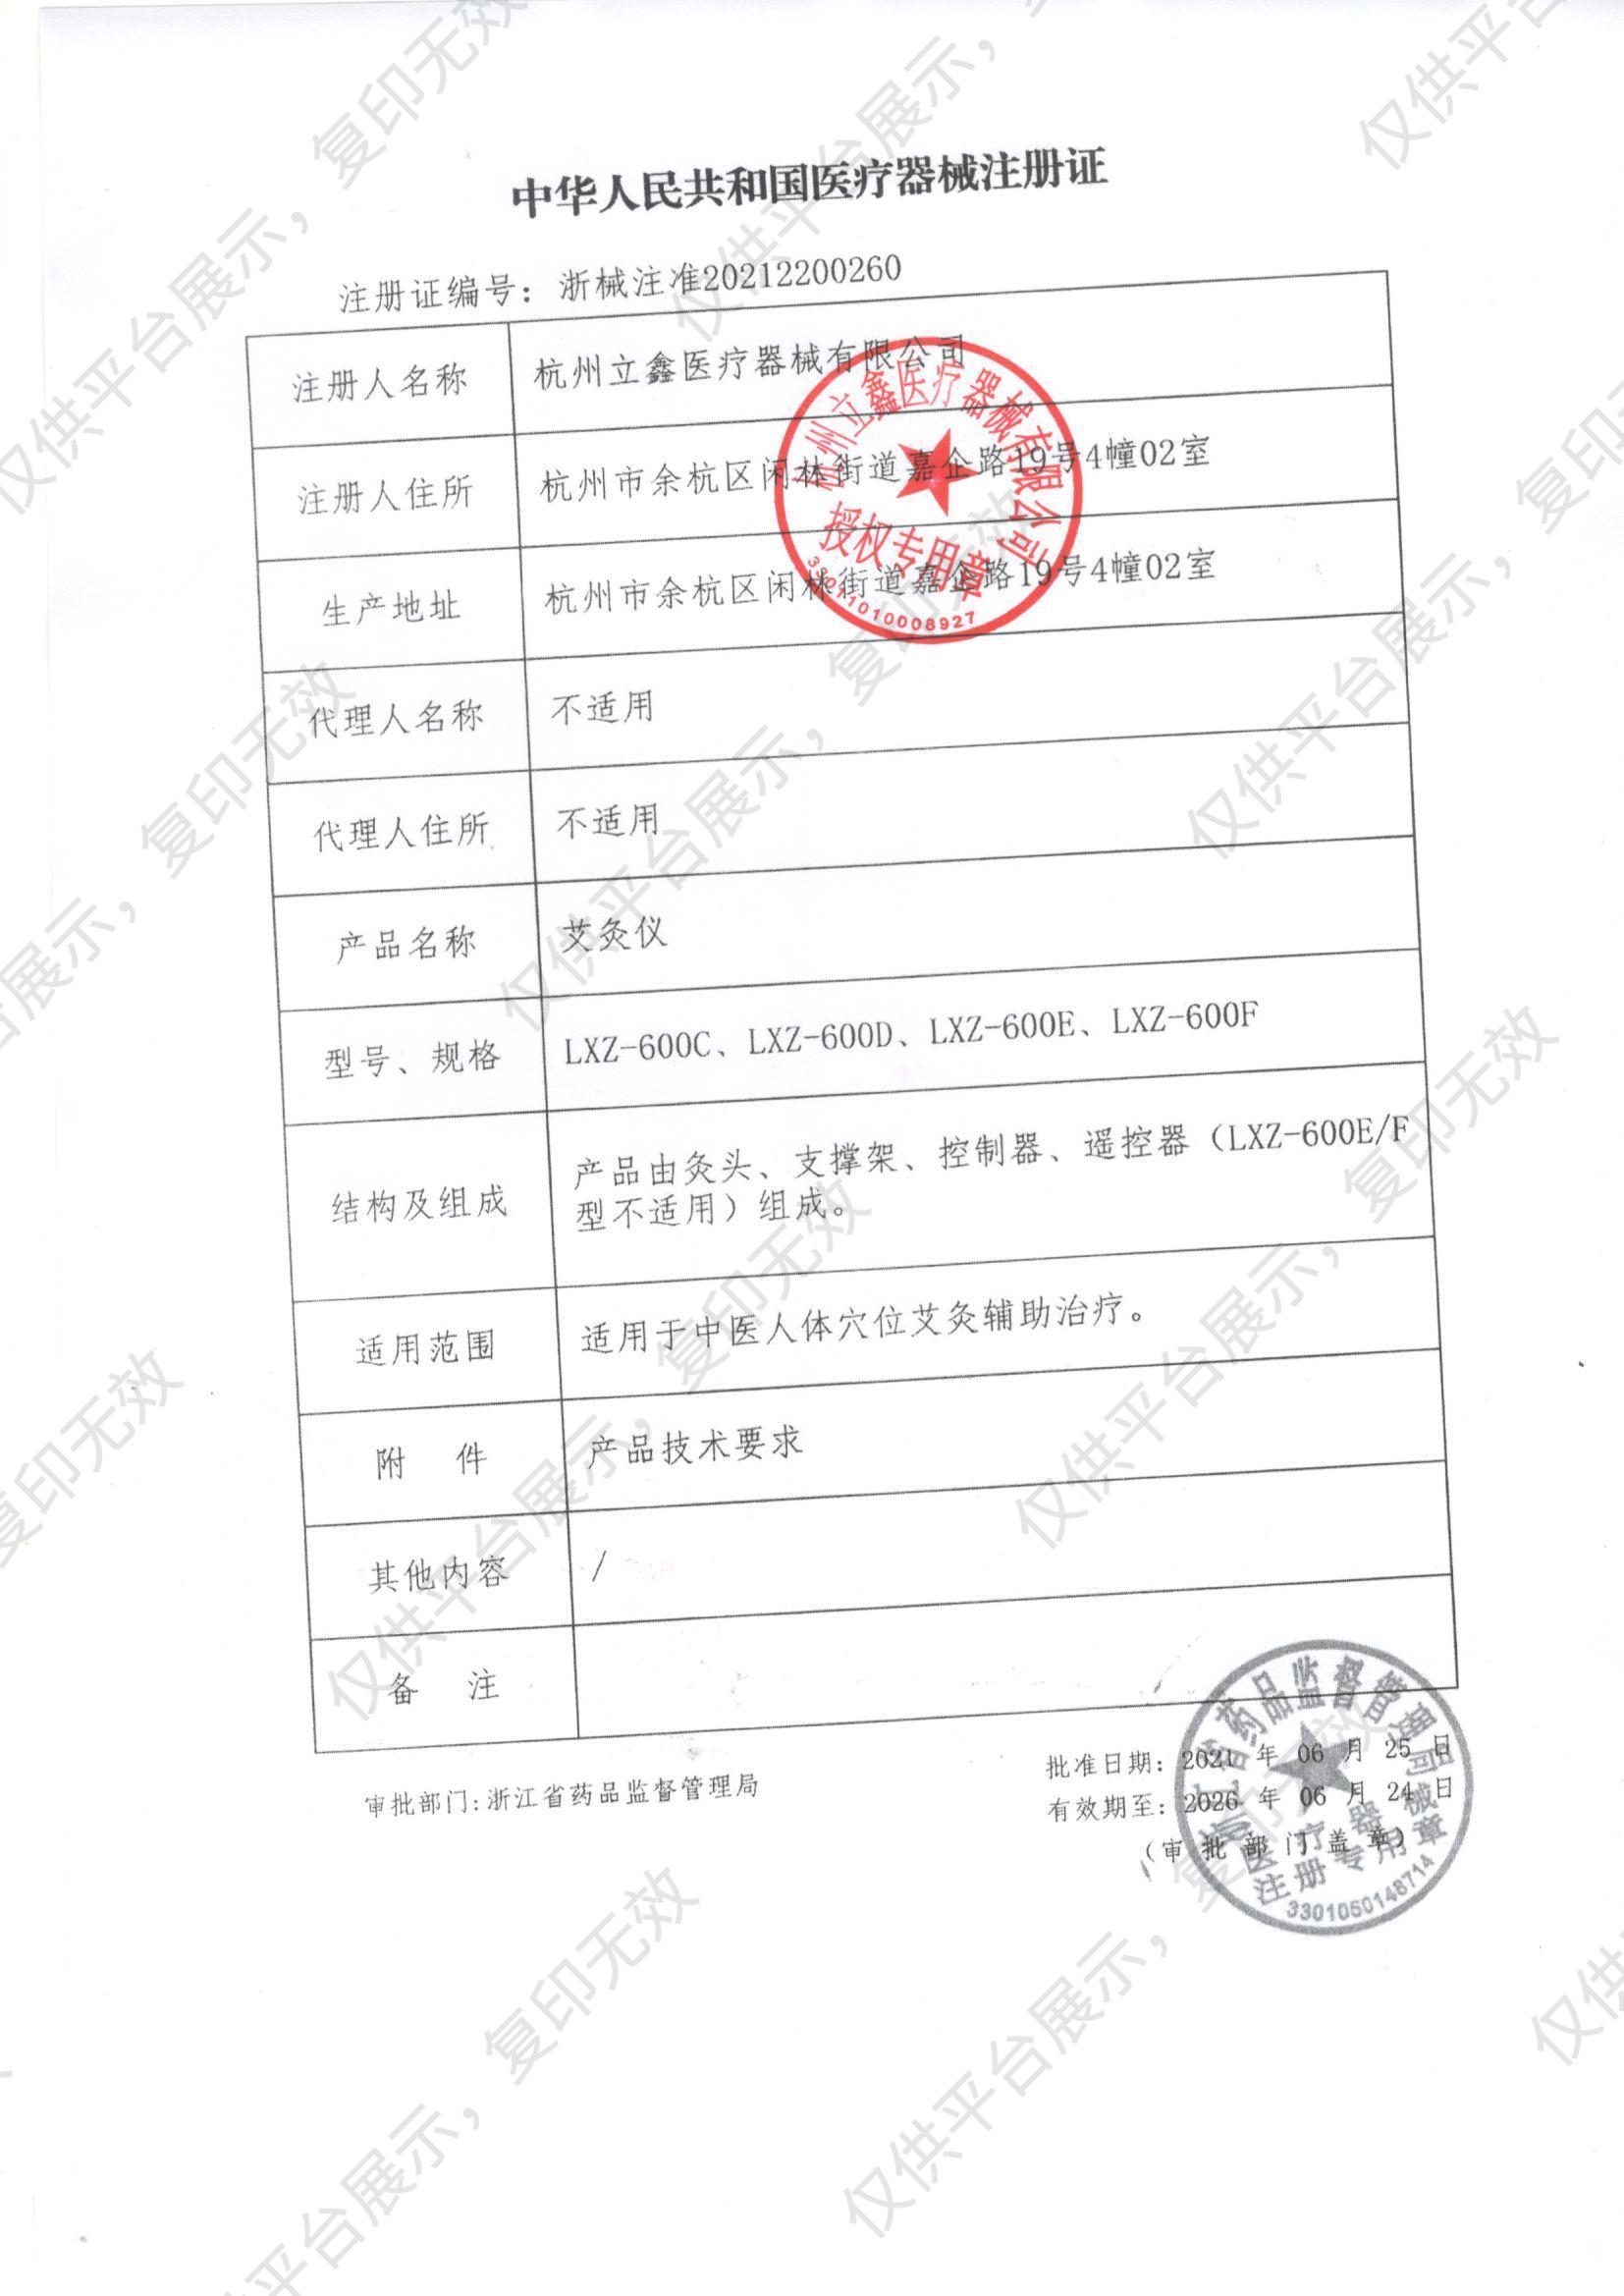 立鑫 艾灸仪 LXZ-600F注册证